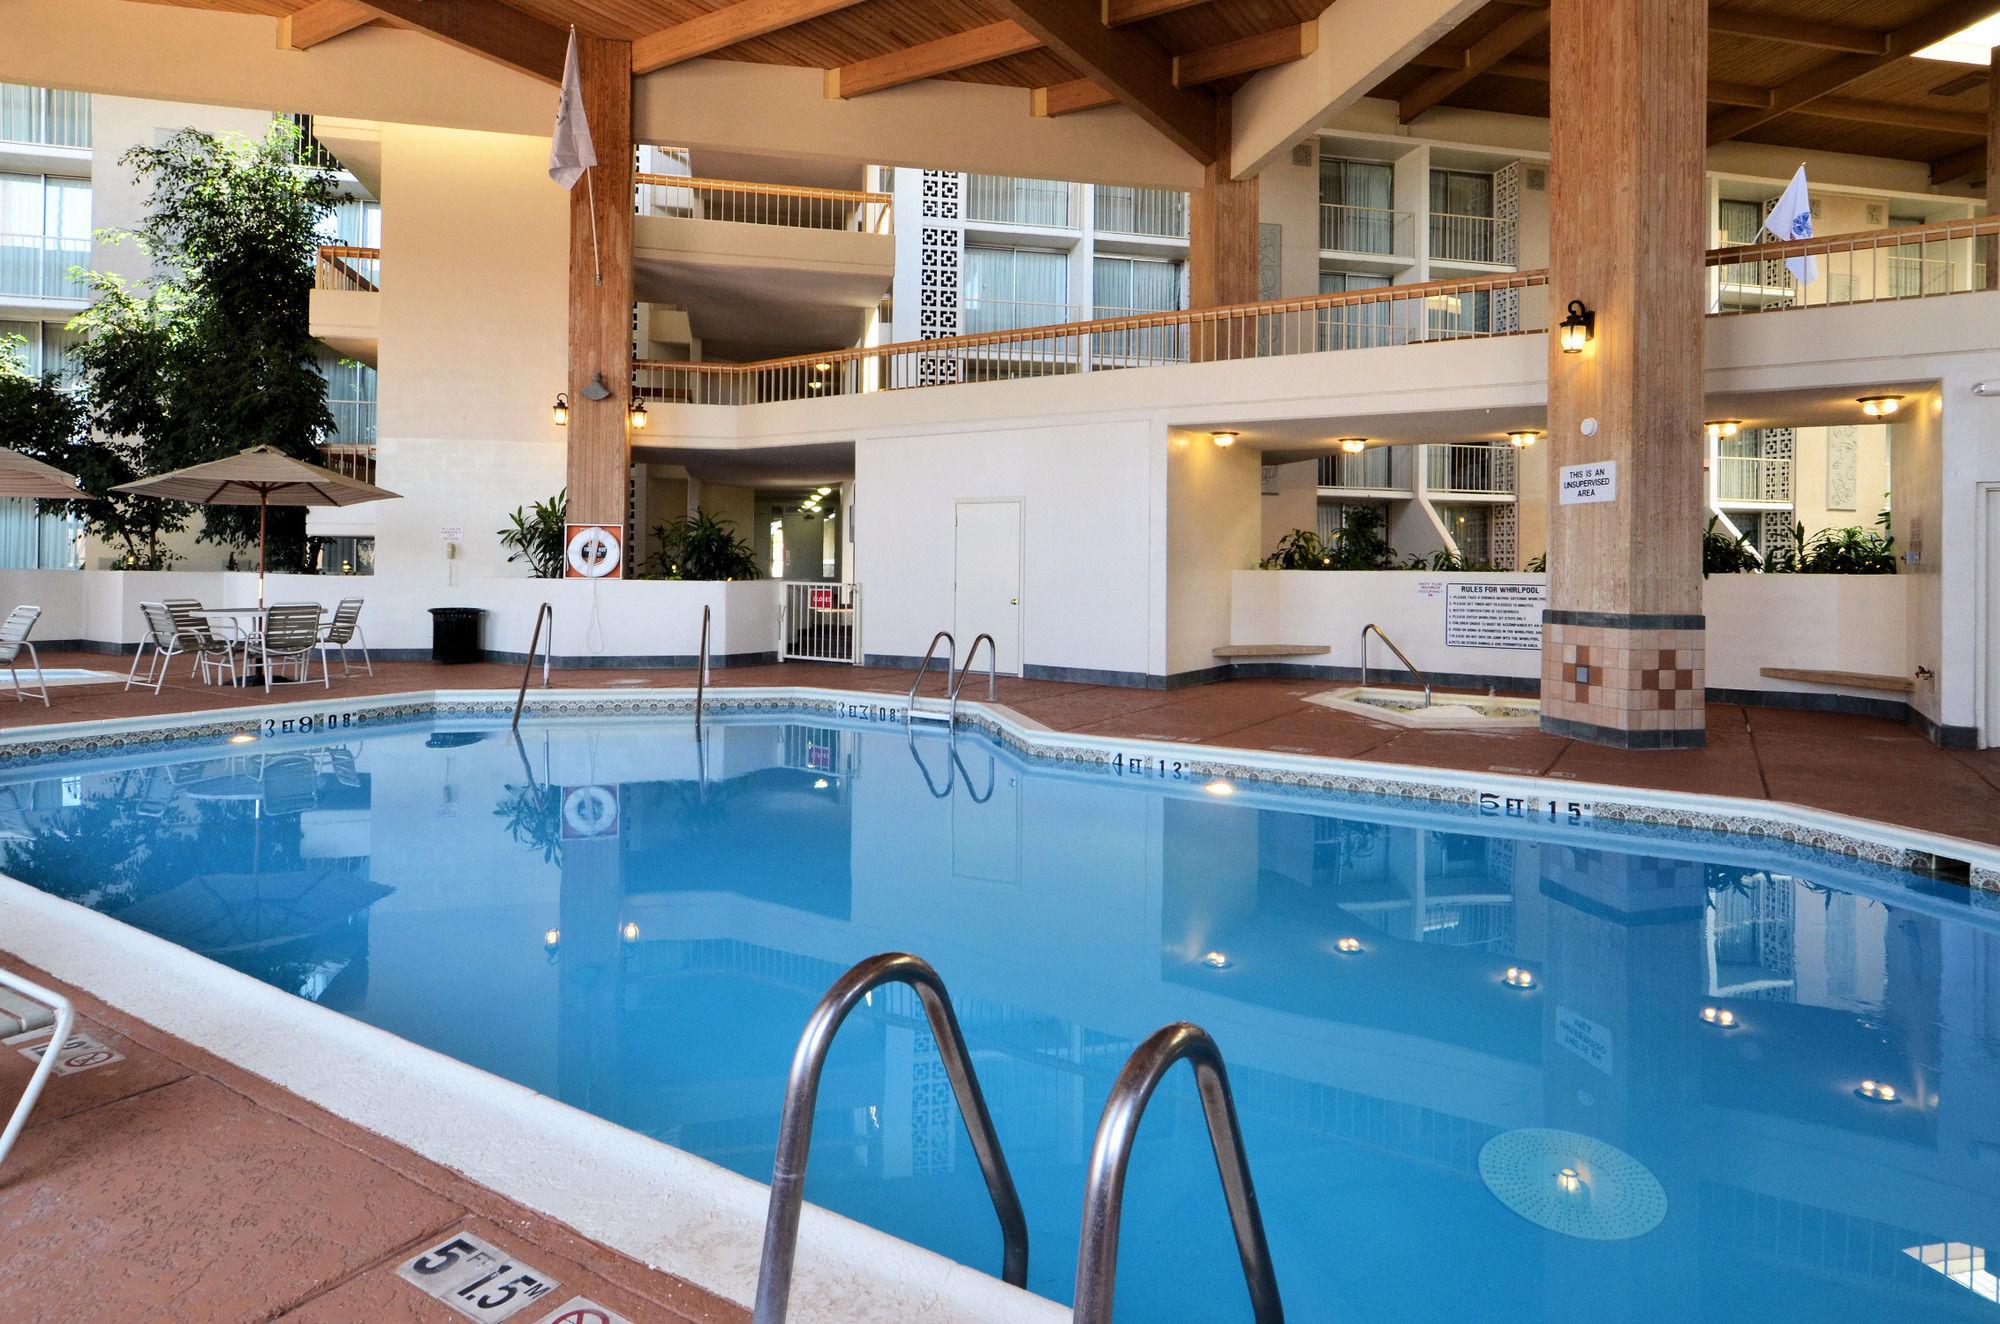 Amarillo Inn U0026 Suites